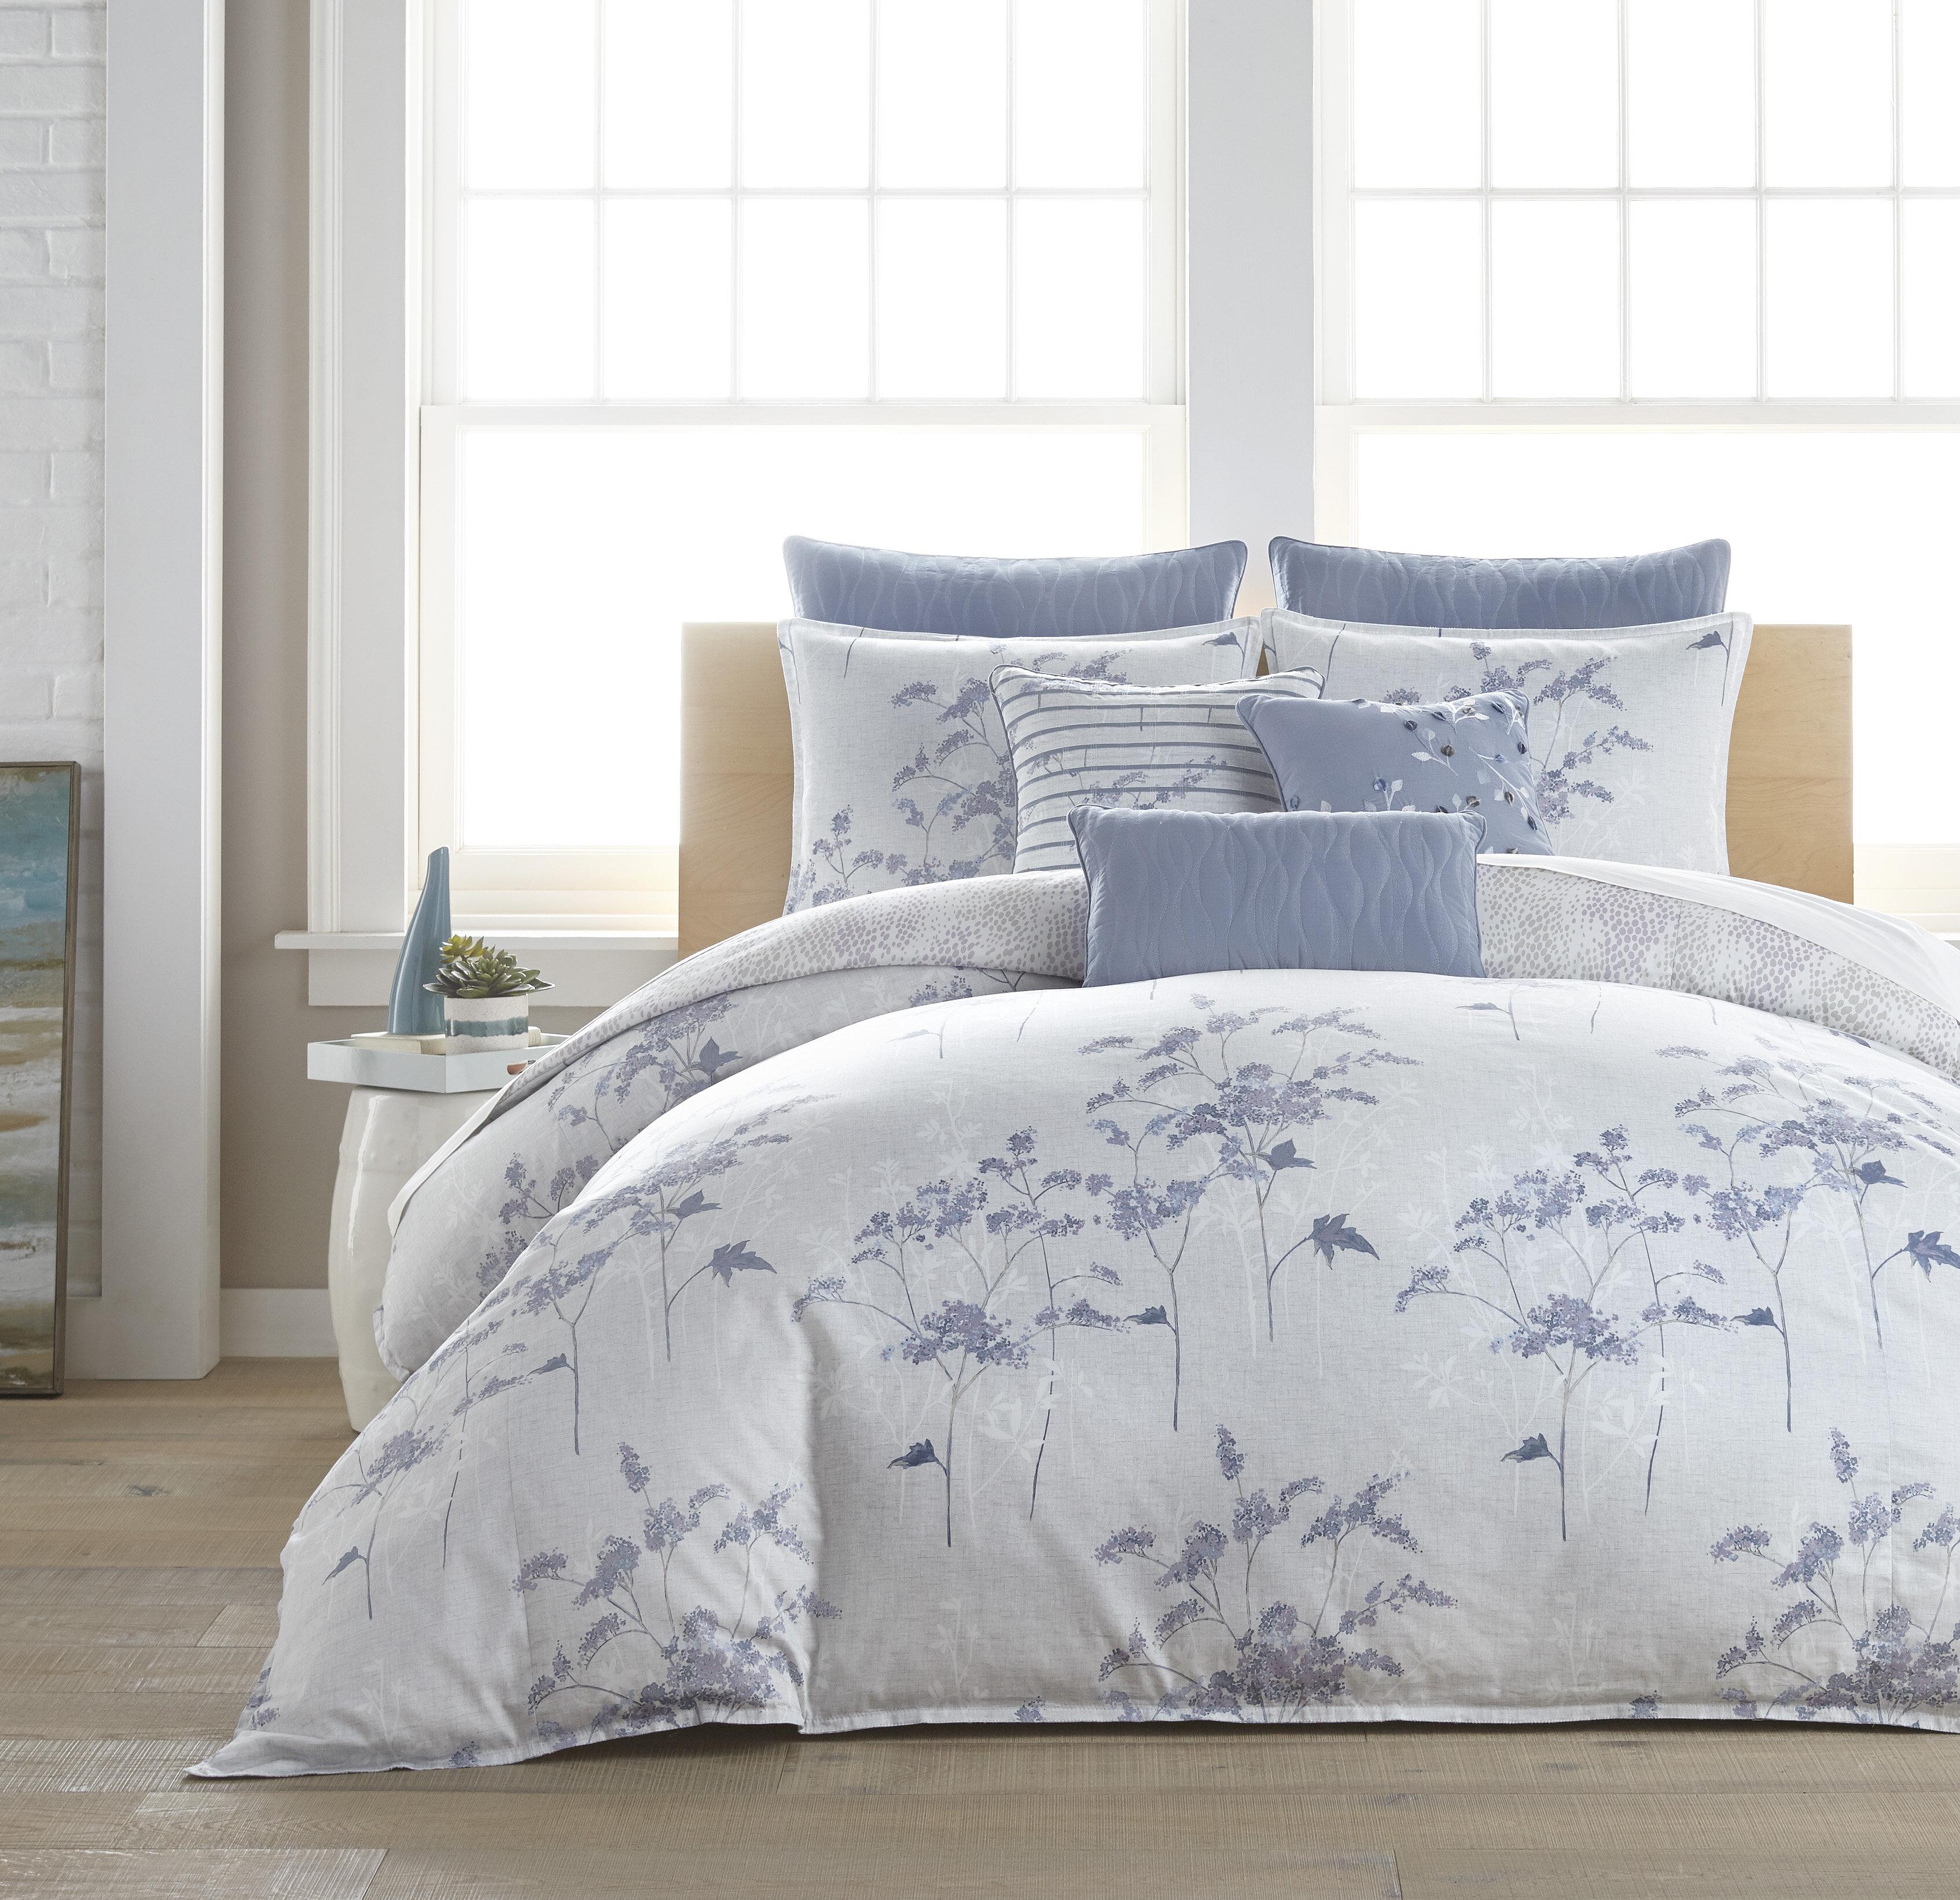 Croscill Anabella Queen 3pc Comforter